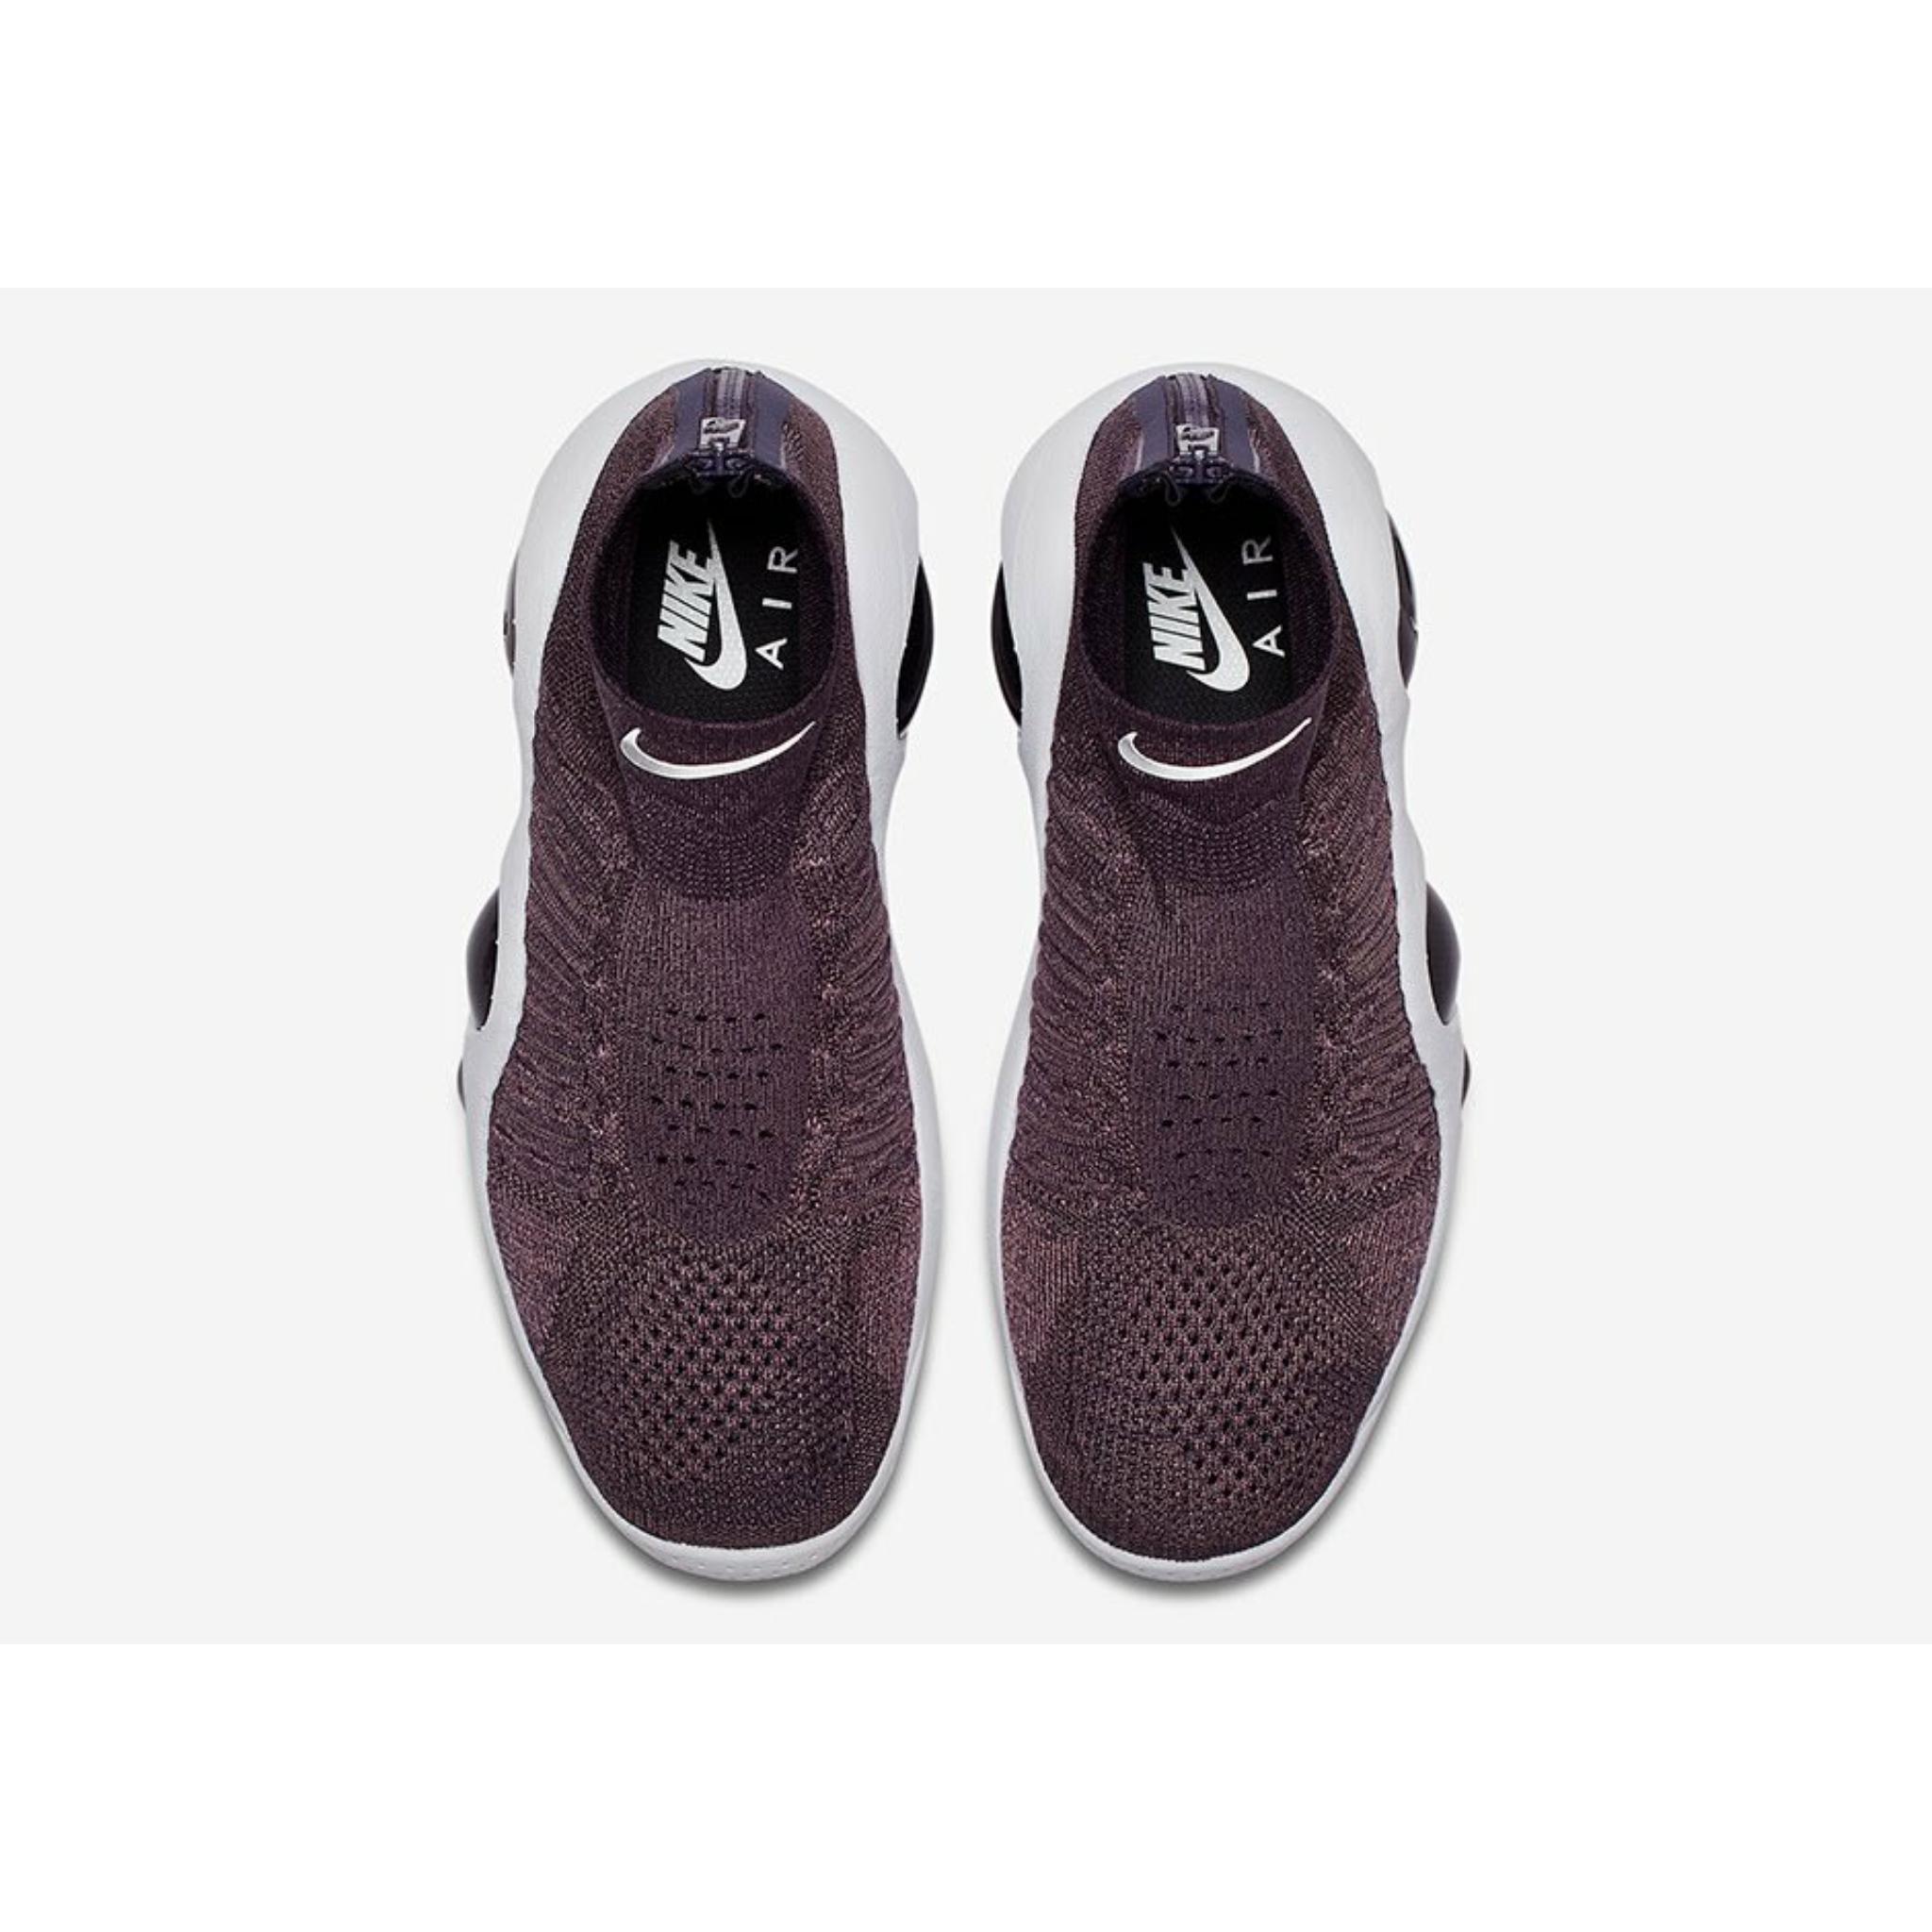 خرید                      کفش اسپورت مردانه نایکی مدل FLIGHT BONAFIDE PLUM